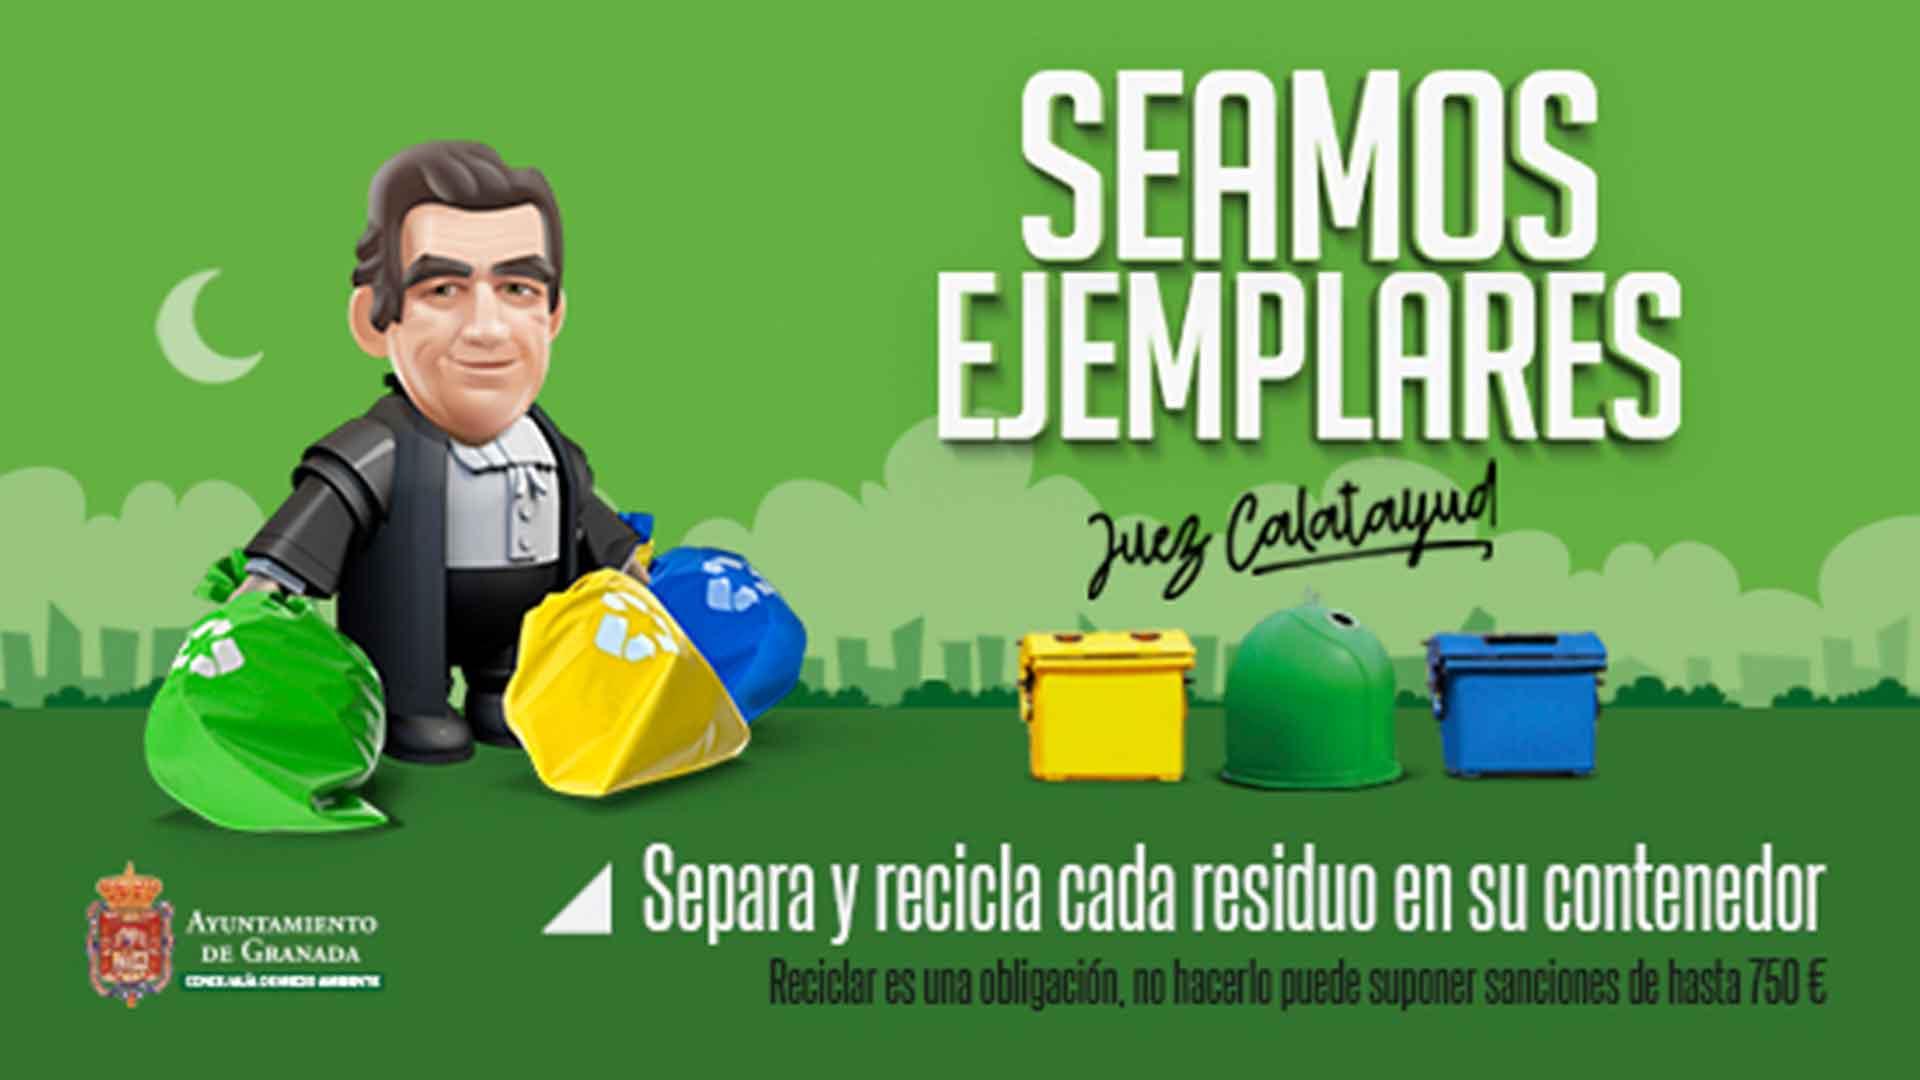 Reciclar -